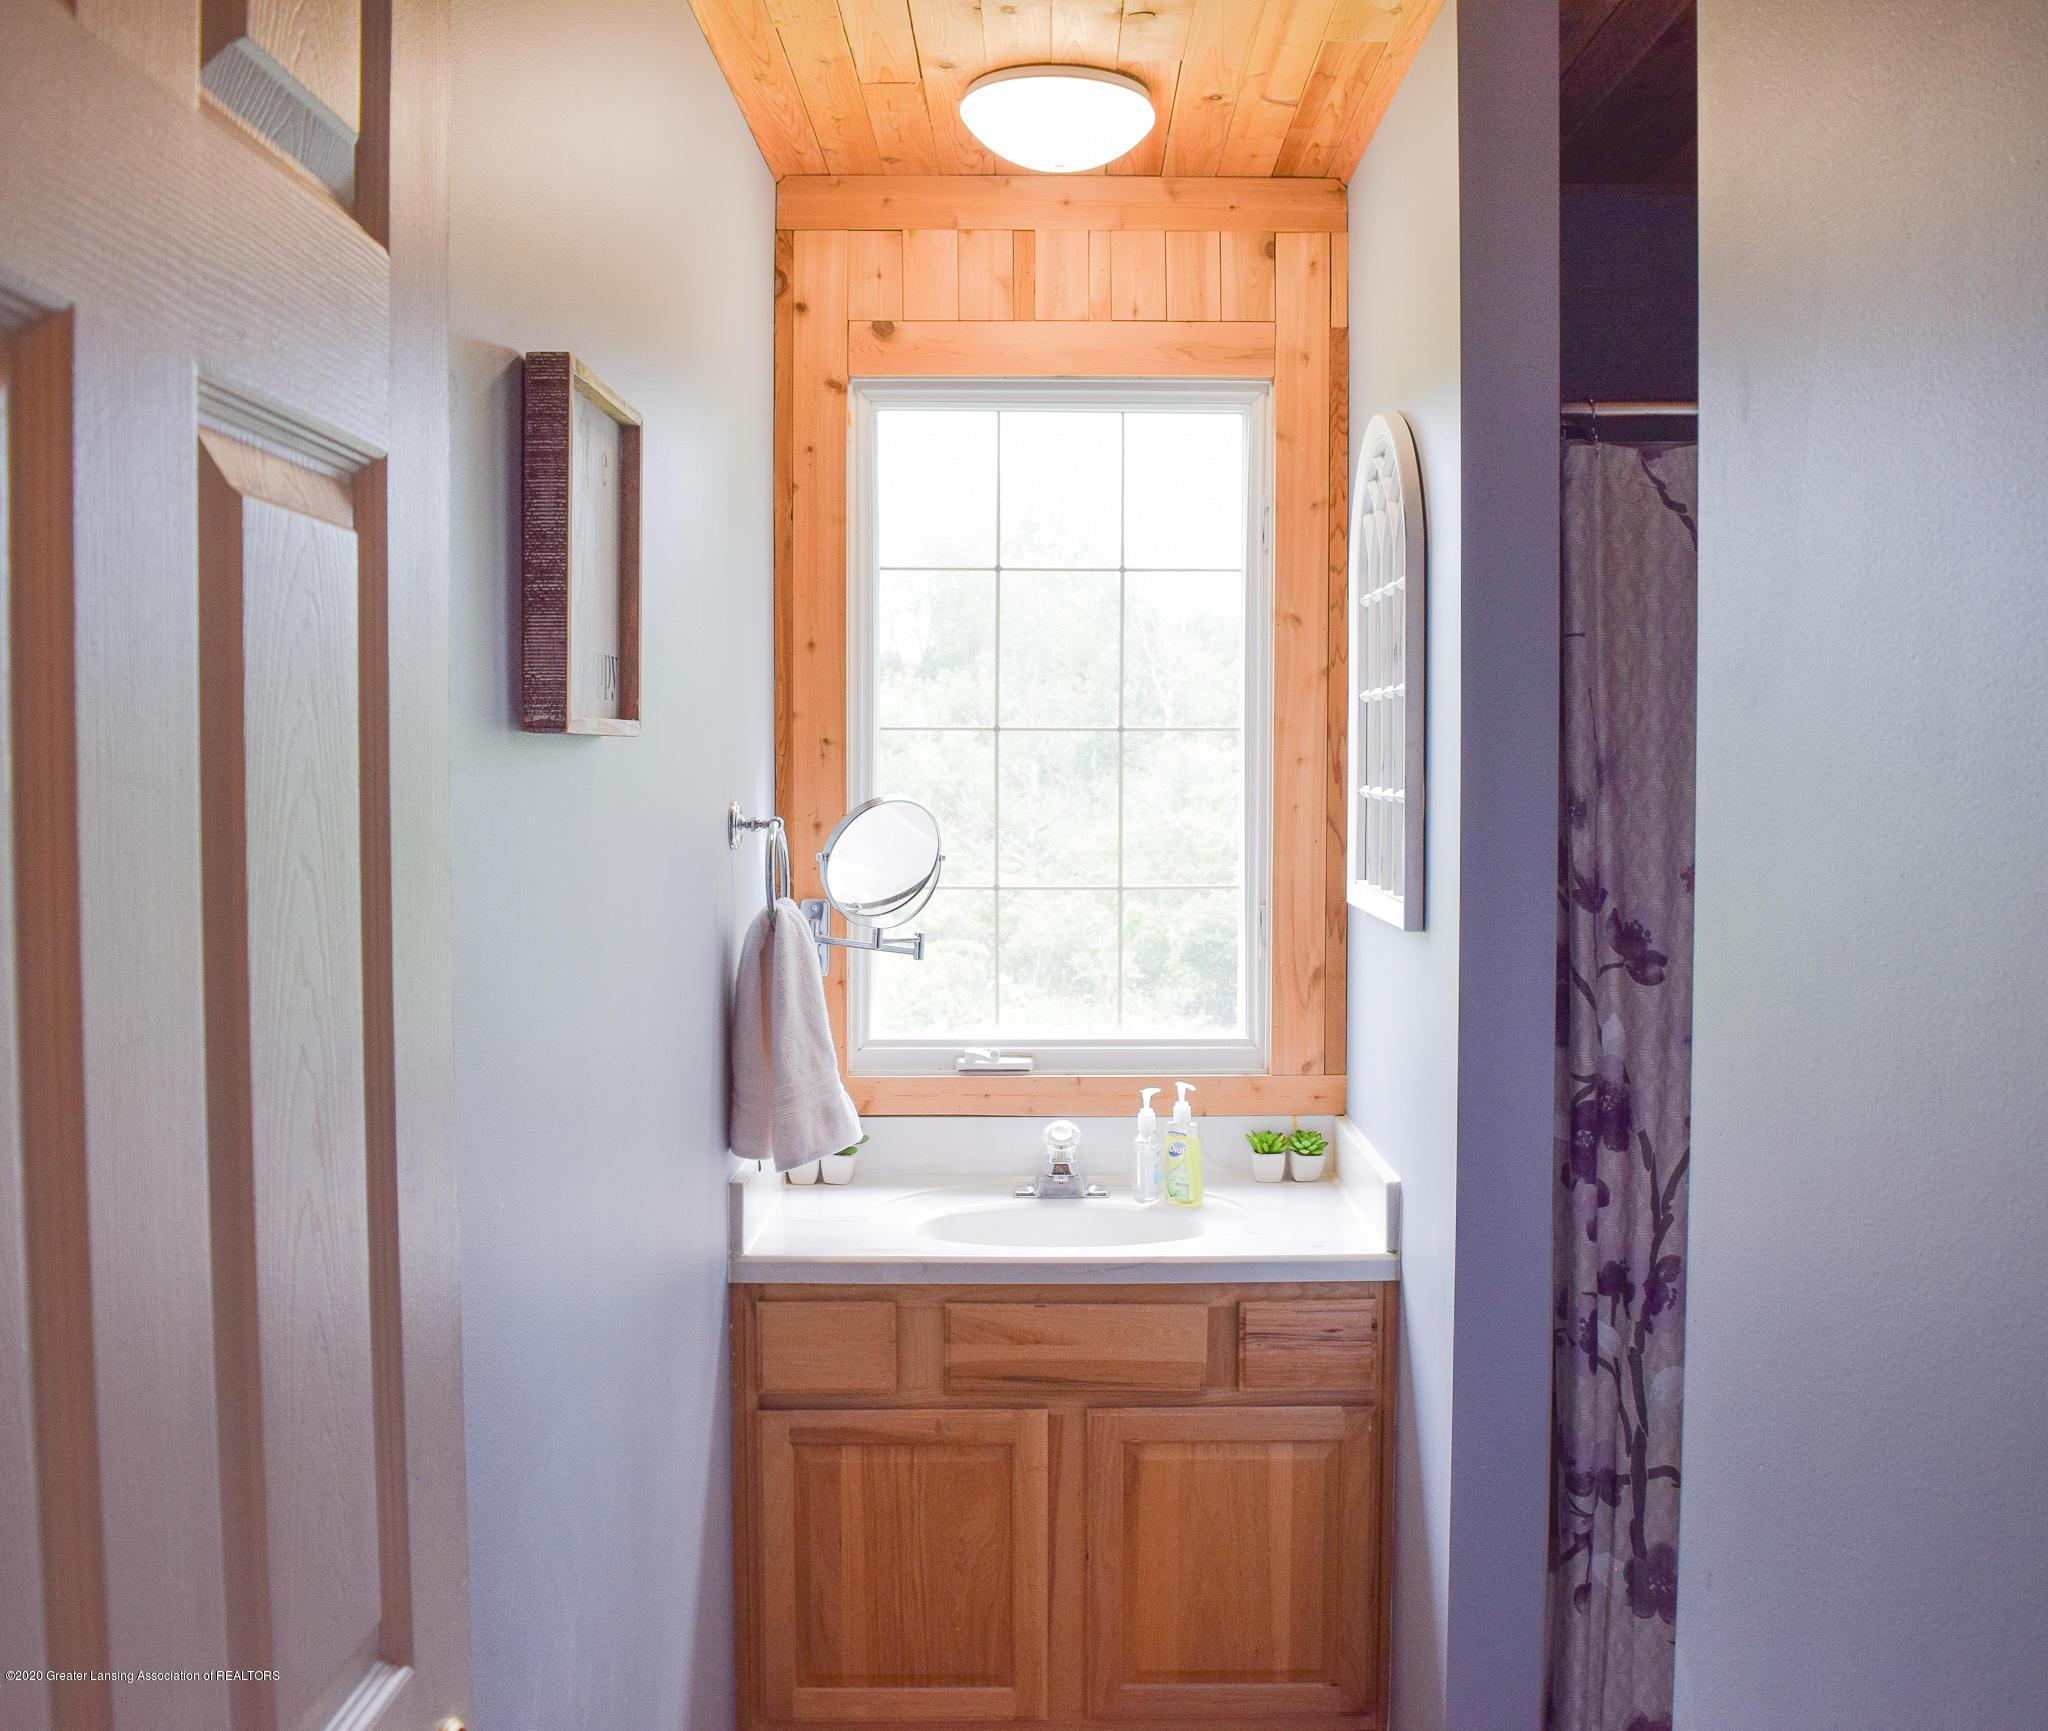 8346 W Bennington Rd - Full bath - 31